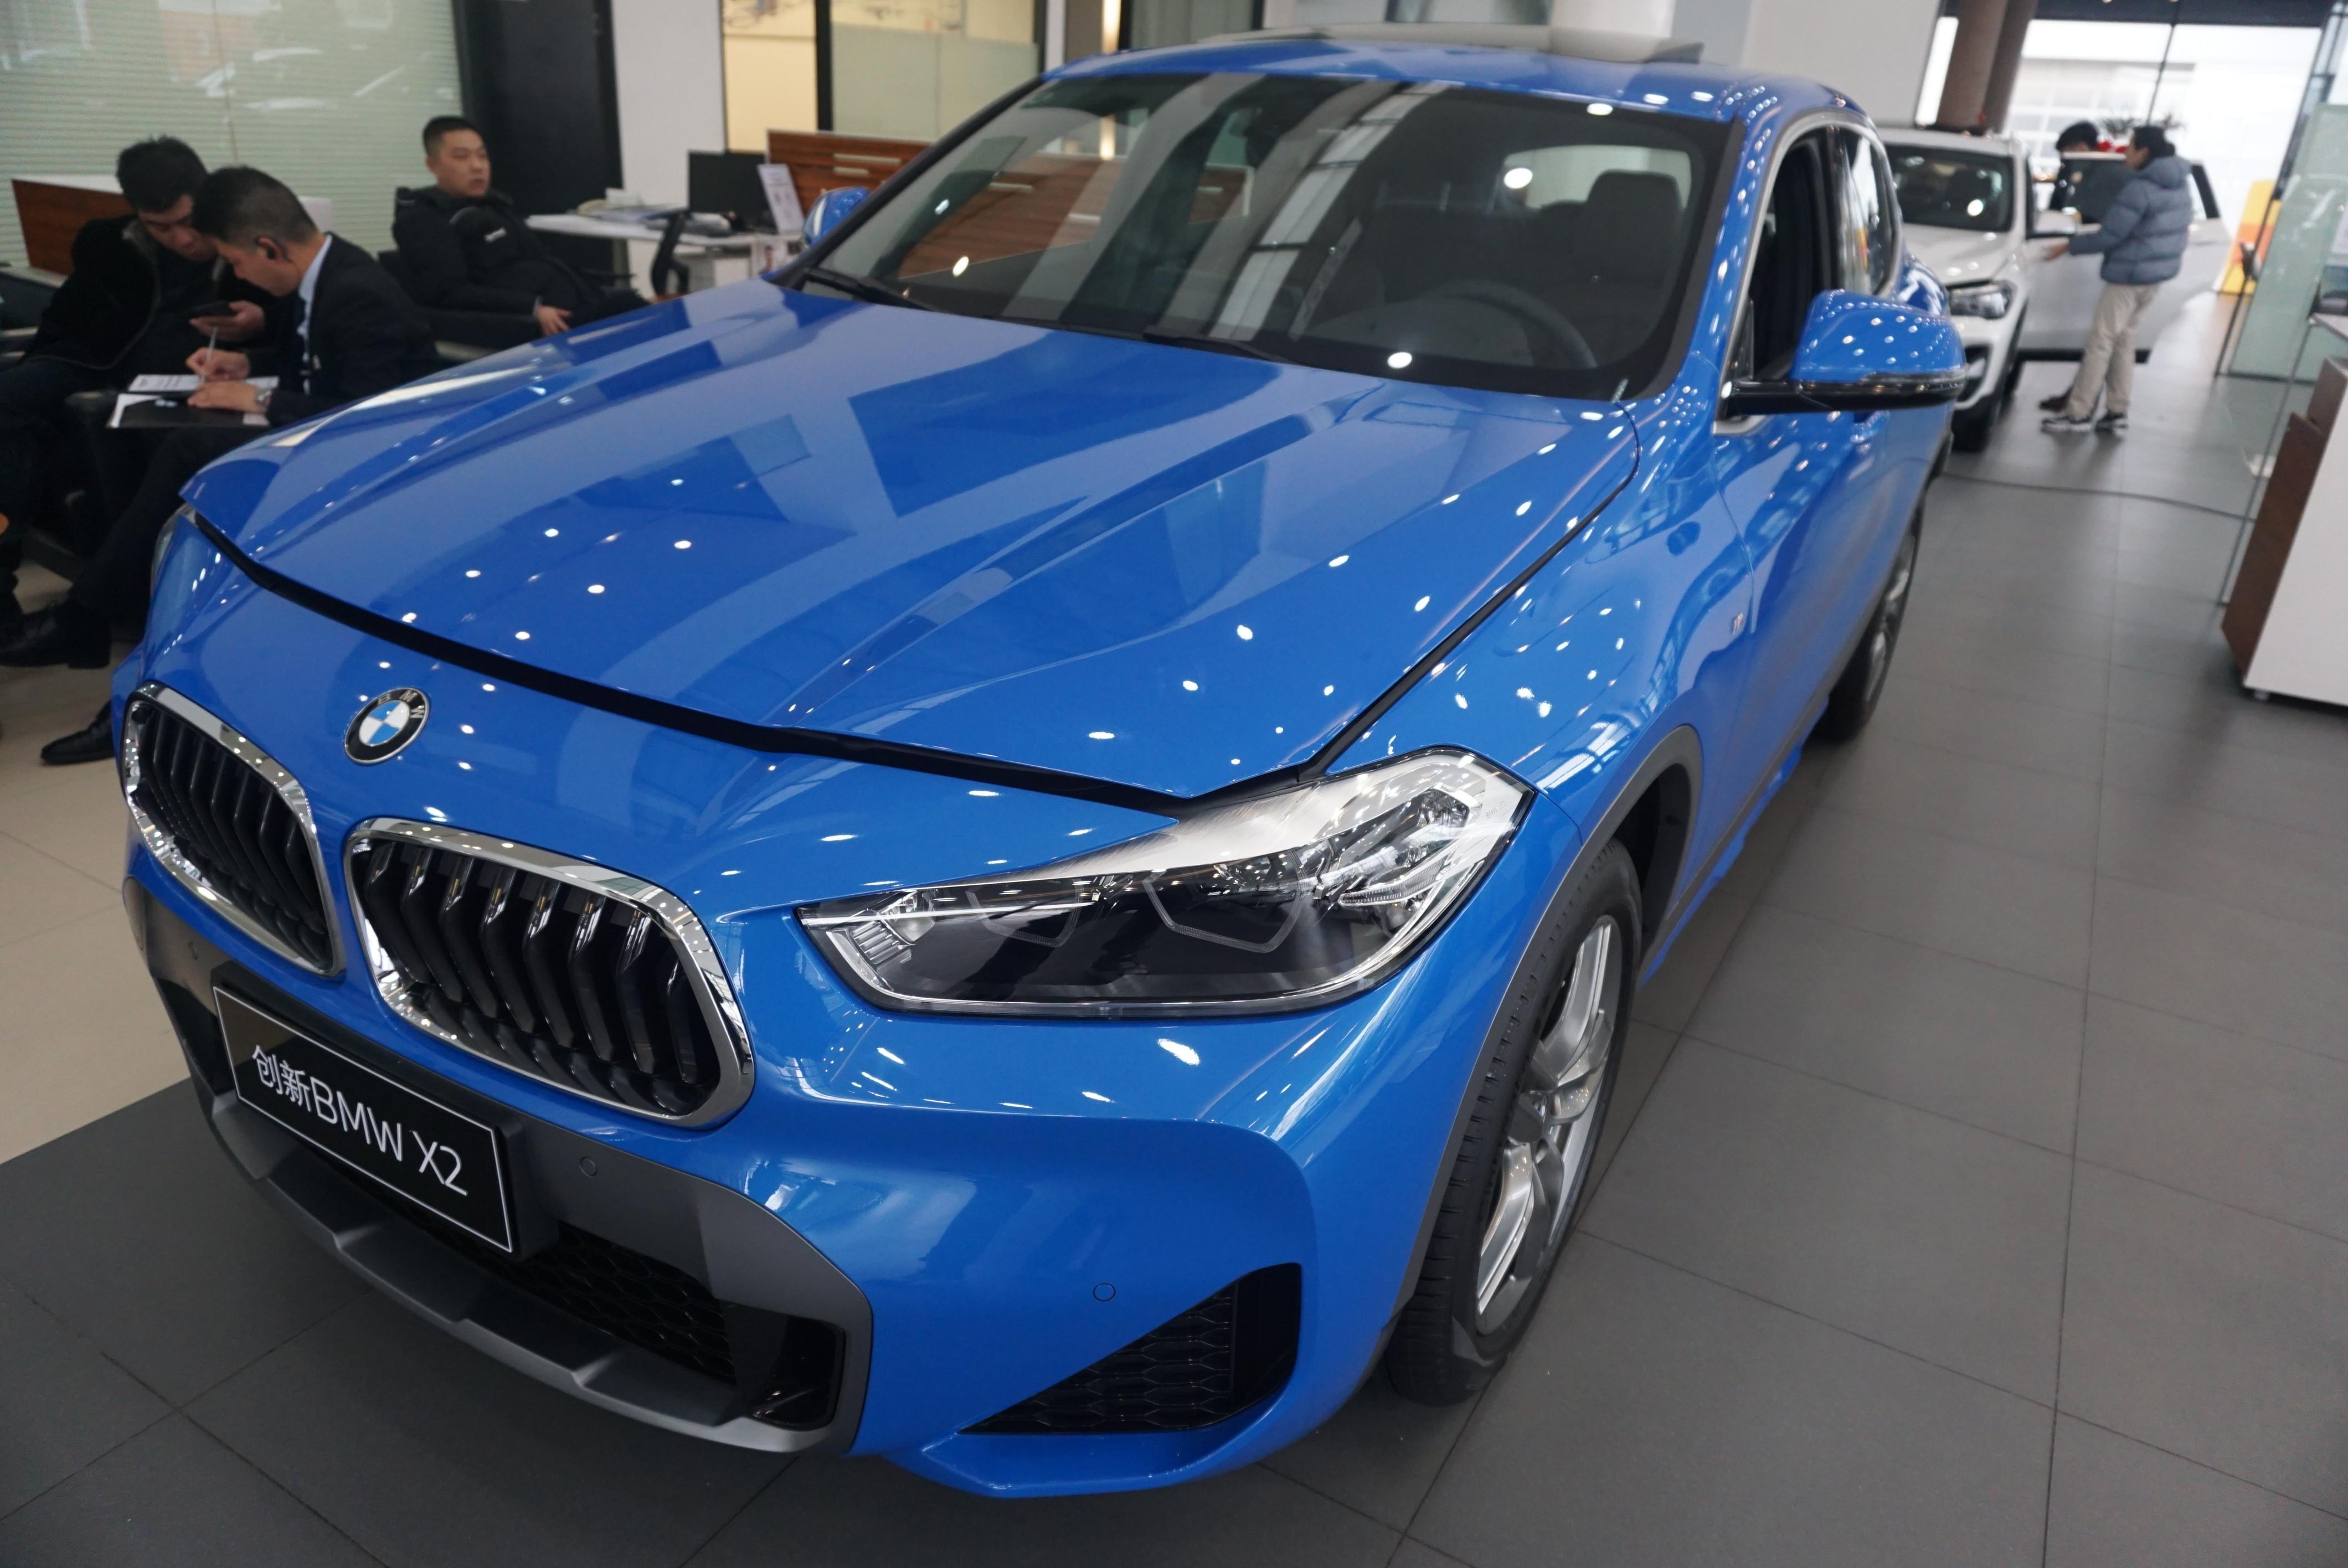 到店實拍新款寶馬X2,藍色很帥氣,入門配倒車影像+電動後備箱-圖2